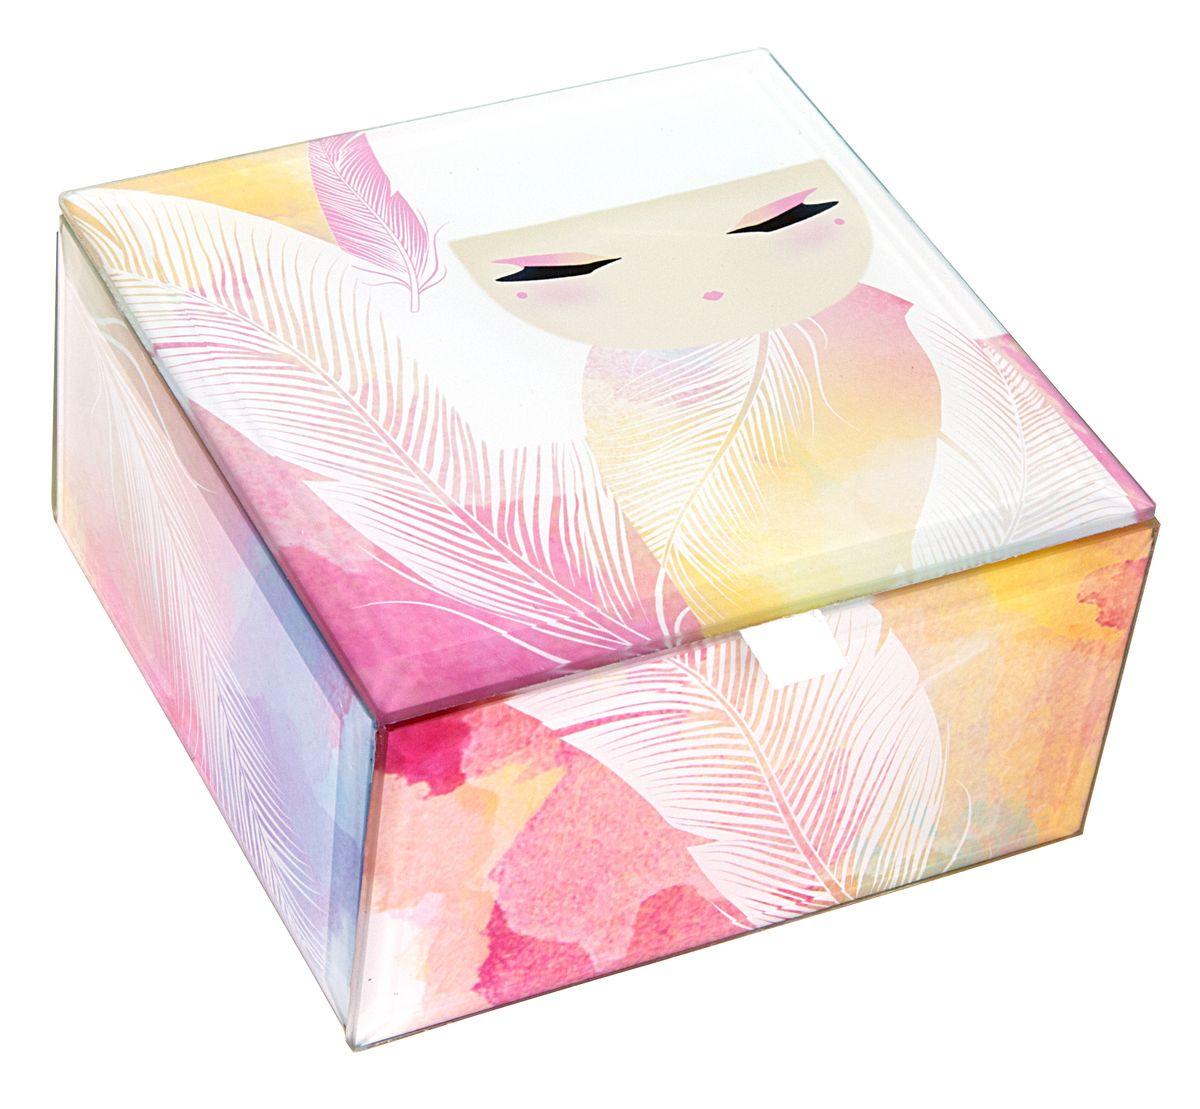 Шкатулка для бижутерии Kimmidoll Мизуйо (Очарование)FS-80299Милая шкатулка для бижутерии Kimmidoll Мизуйо (Очарование) великолепно подойдет для хранения бижутерии, косметики и любых небольших предметов. Прямоугольная шкатулка выполнена из стекла и декорирована красочным изображением очаровательной куколки Мизуйо. Изнутри шкатулка имеет мягкое текстильное покрытие, а проклейка бархатистым материалом снизу предотвращает скольжение шкатулки и придает ей устойчивость. Такая шкатулка не только надежно сохранит вашу бижутерию, но и станет изысканным украшением интерьера.Привет, меня зовут Мизуйо! Я талисман очарования. Мой дух воодушевляет и радует. Ваша милая и обворожительная натура всегда согревает сердца и поднимает настроение, даря счастье и любовь вашим близким. Позвольте всем, кто знает вас, дорожить вашими редкими и прекрасными талантами.